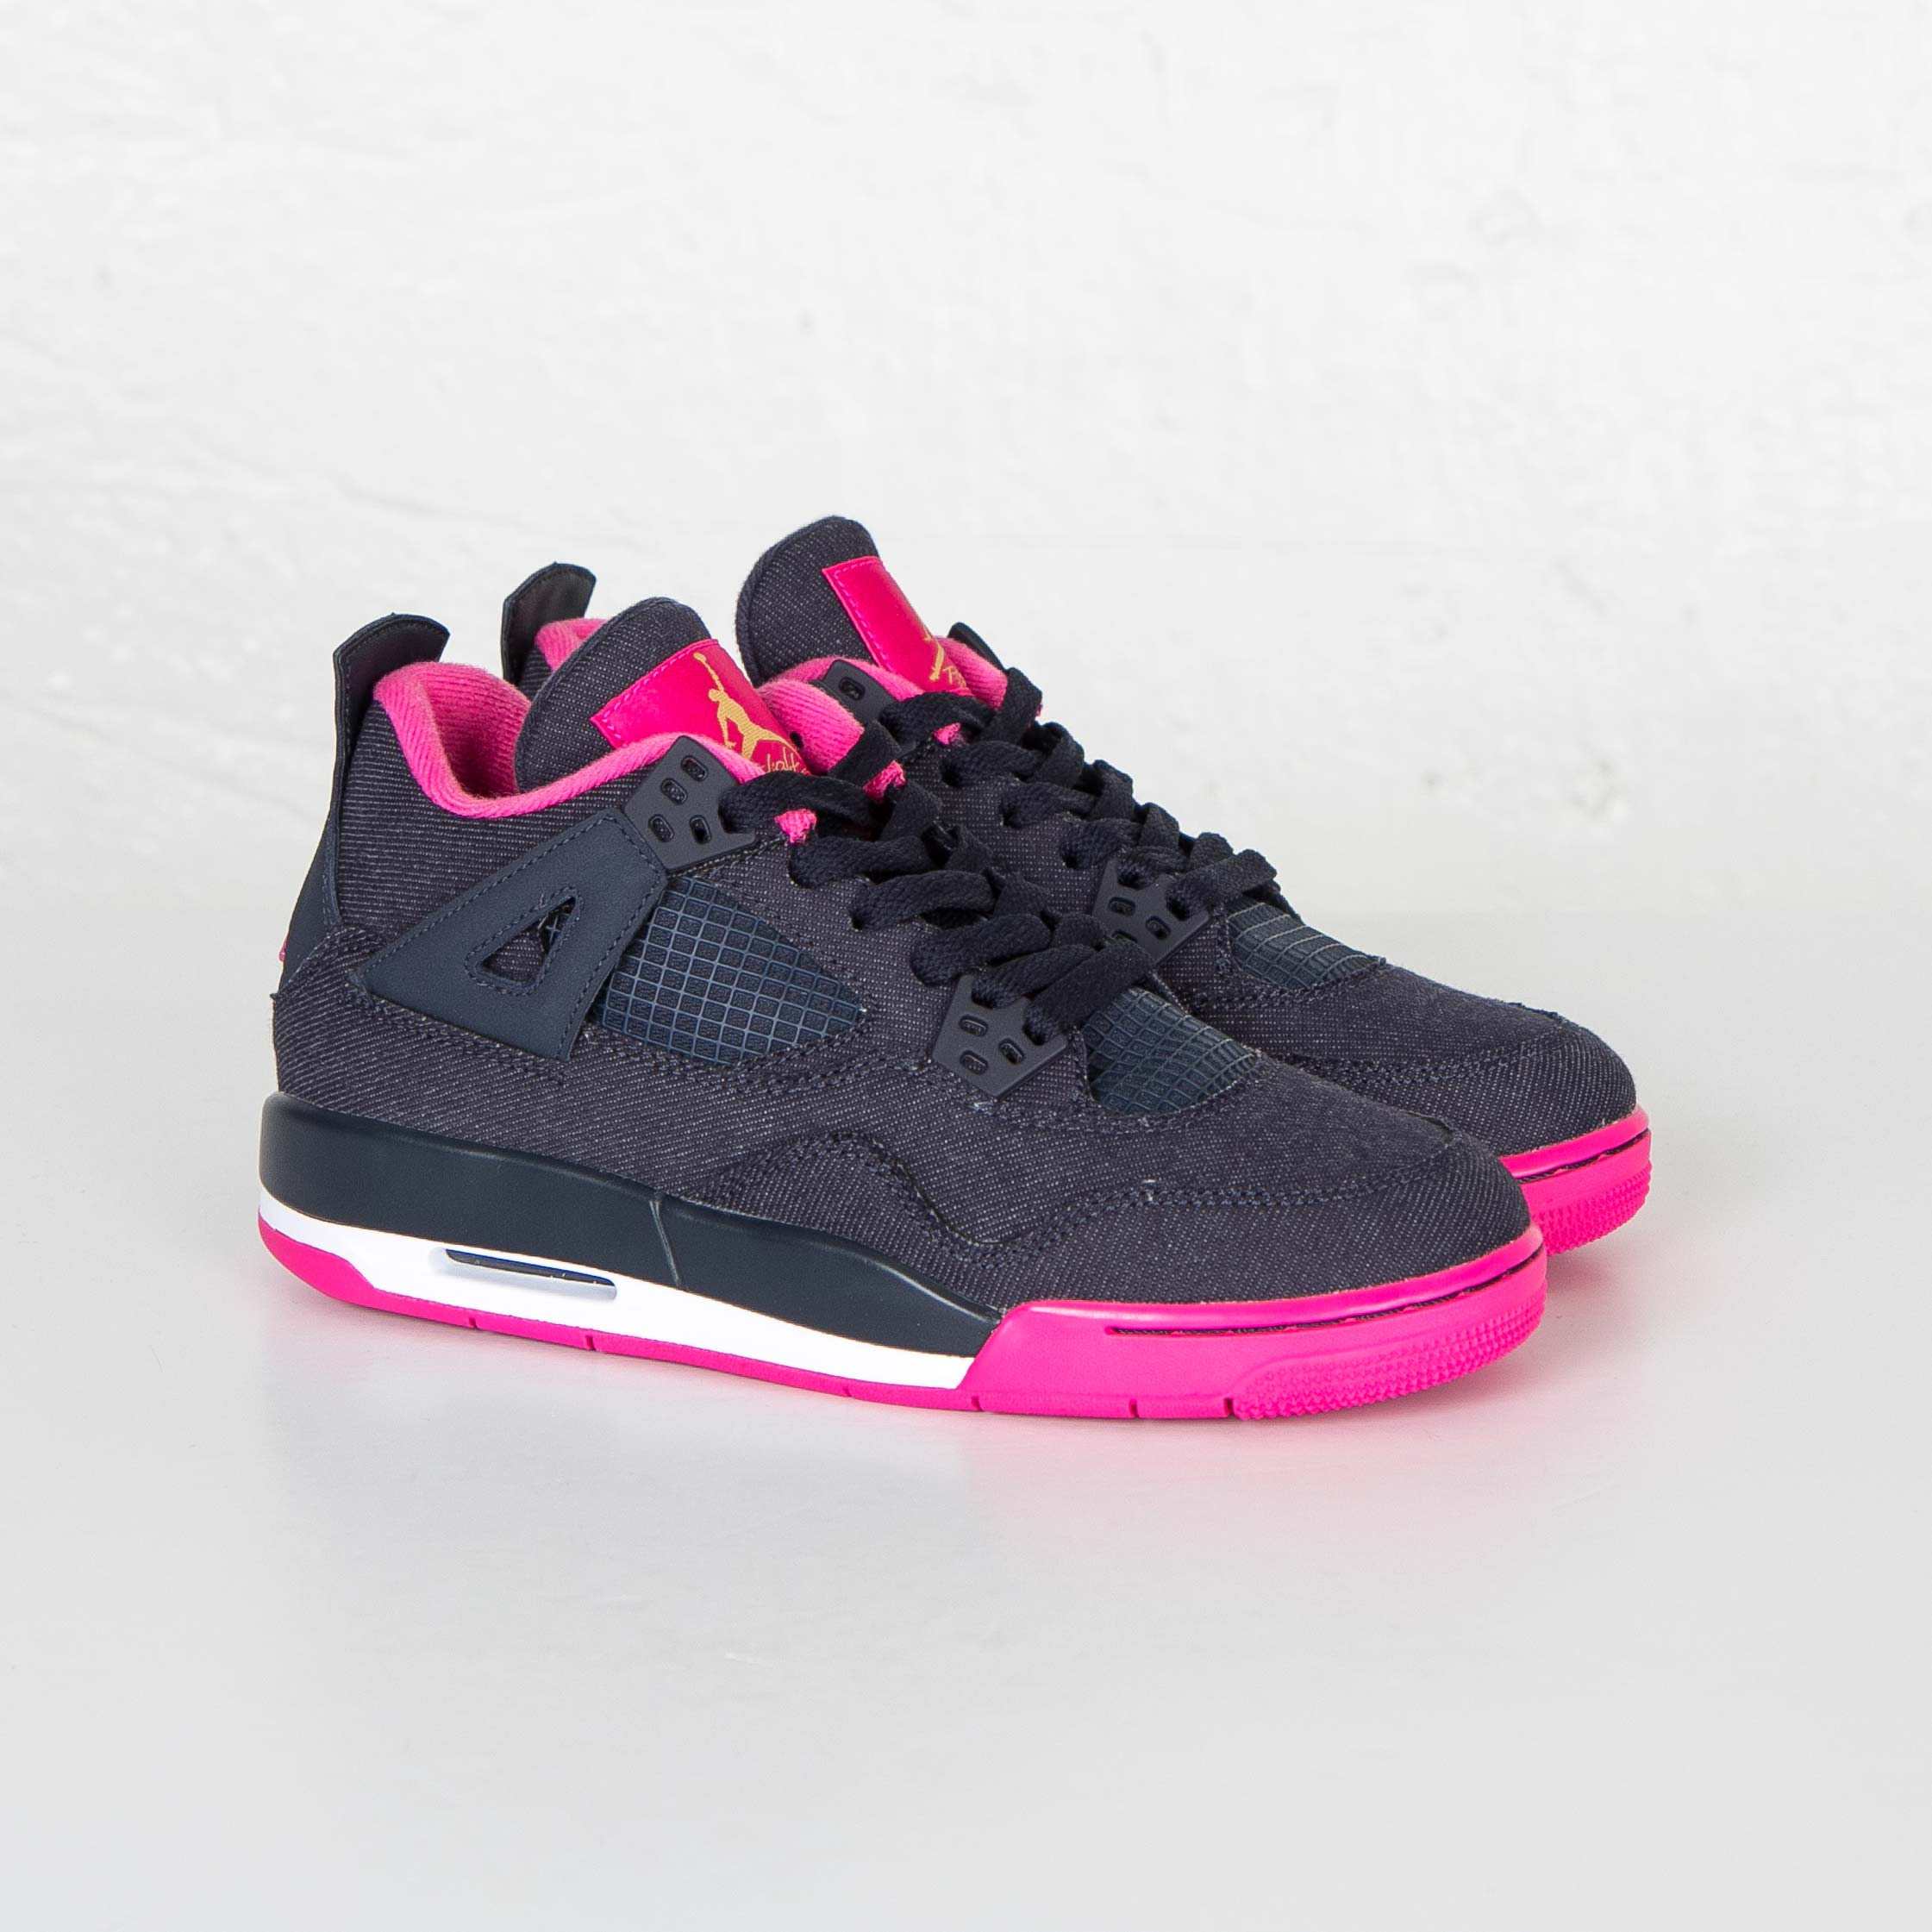 1cb110f6e61 Jordan Brand Air Jordan 4 Retro (GS) - 487724-408 - Sneakersnstuff ...